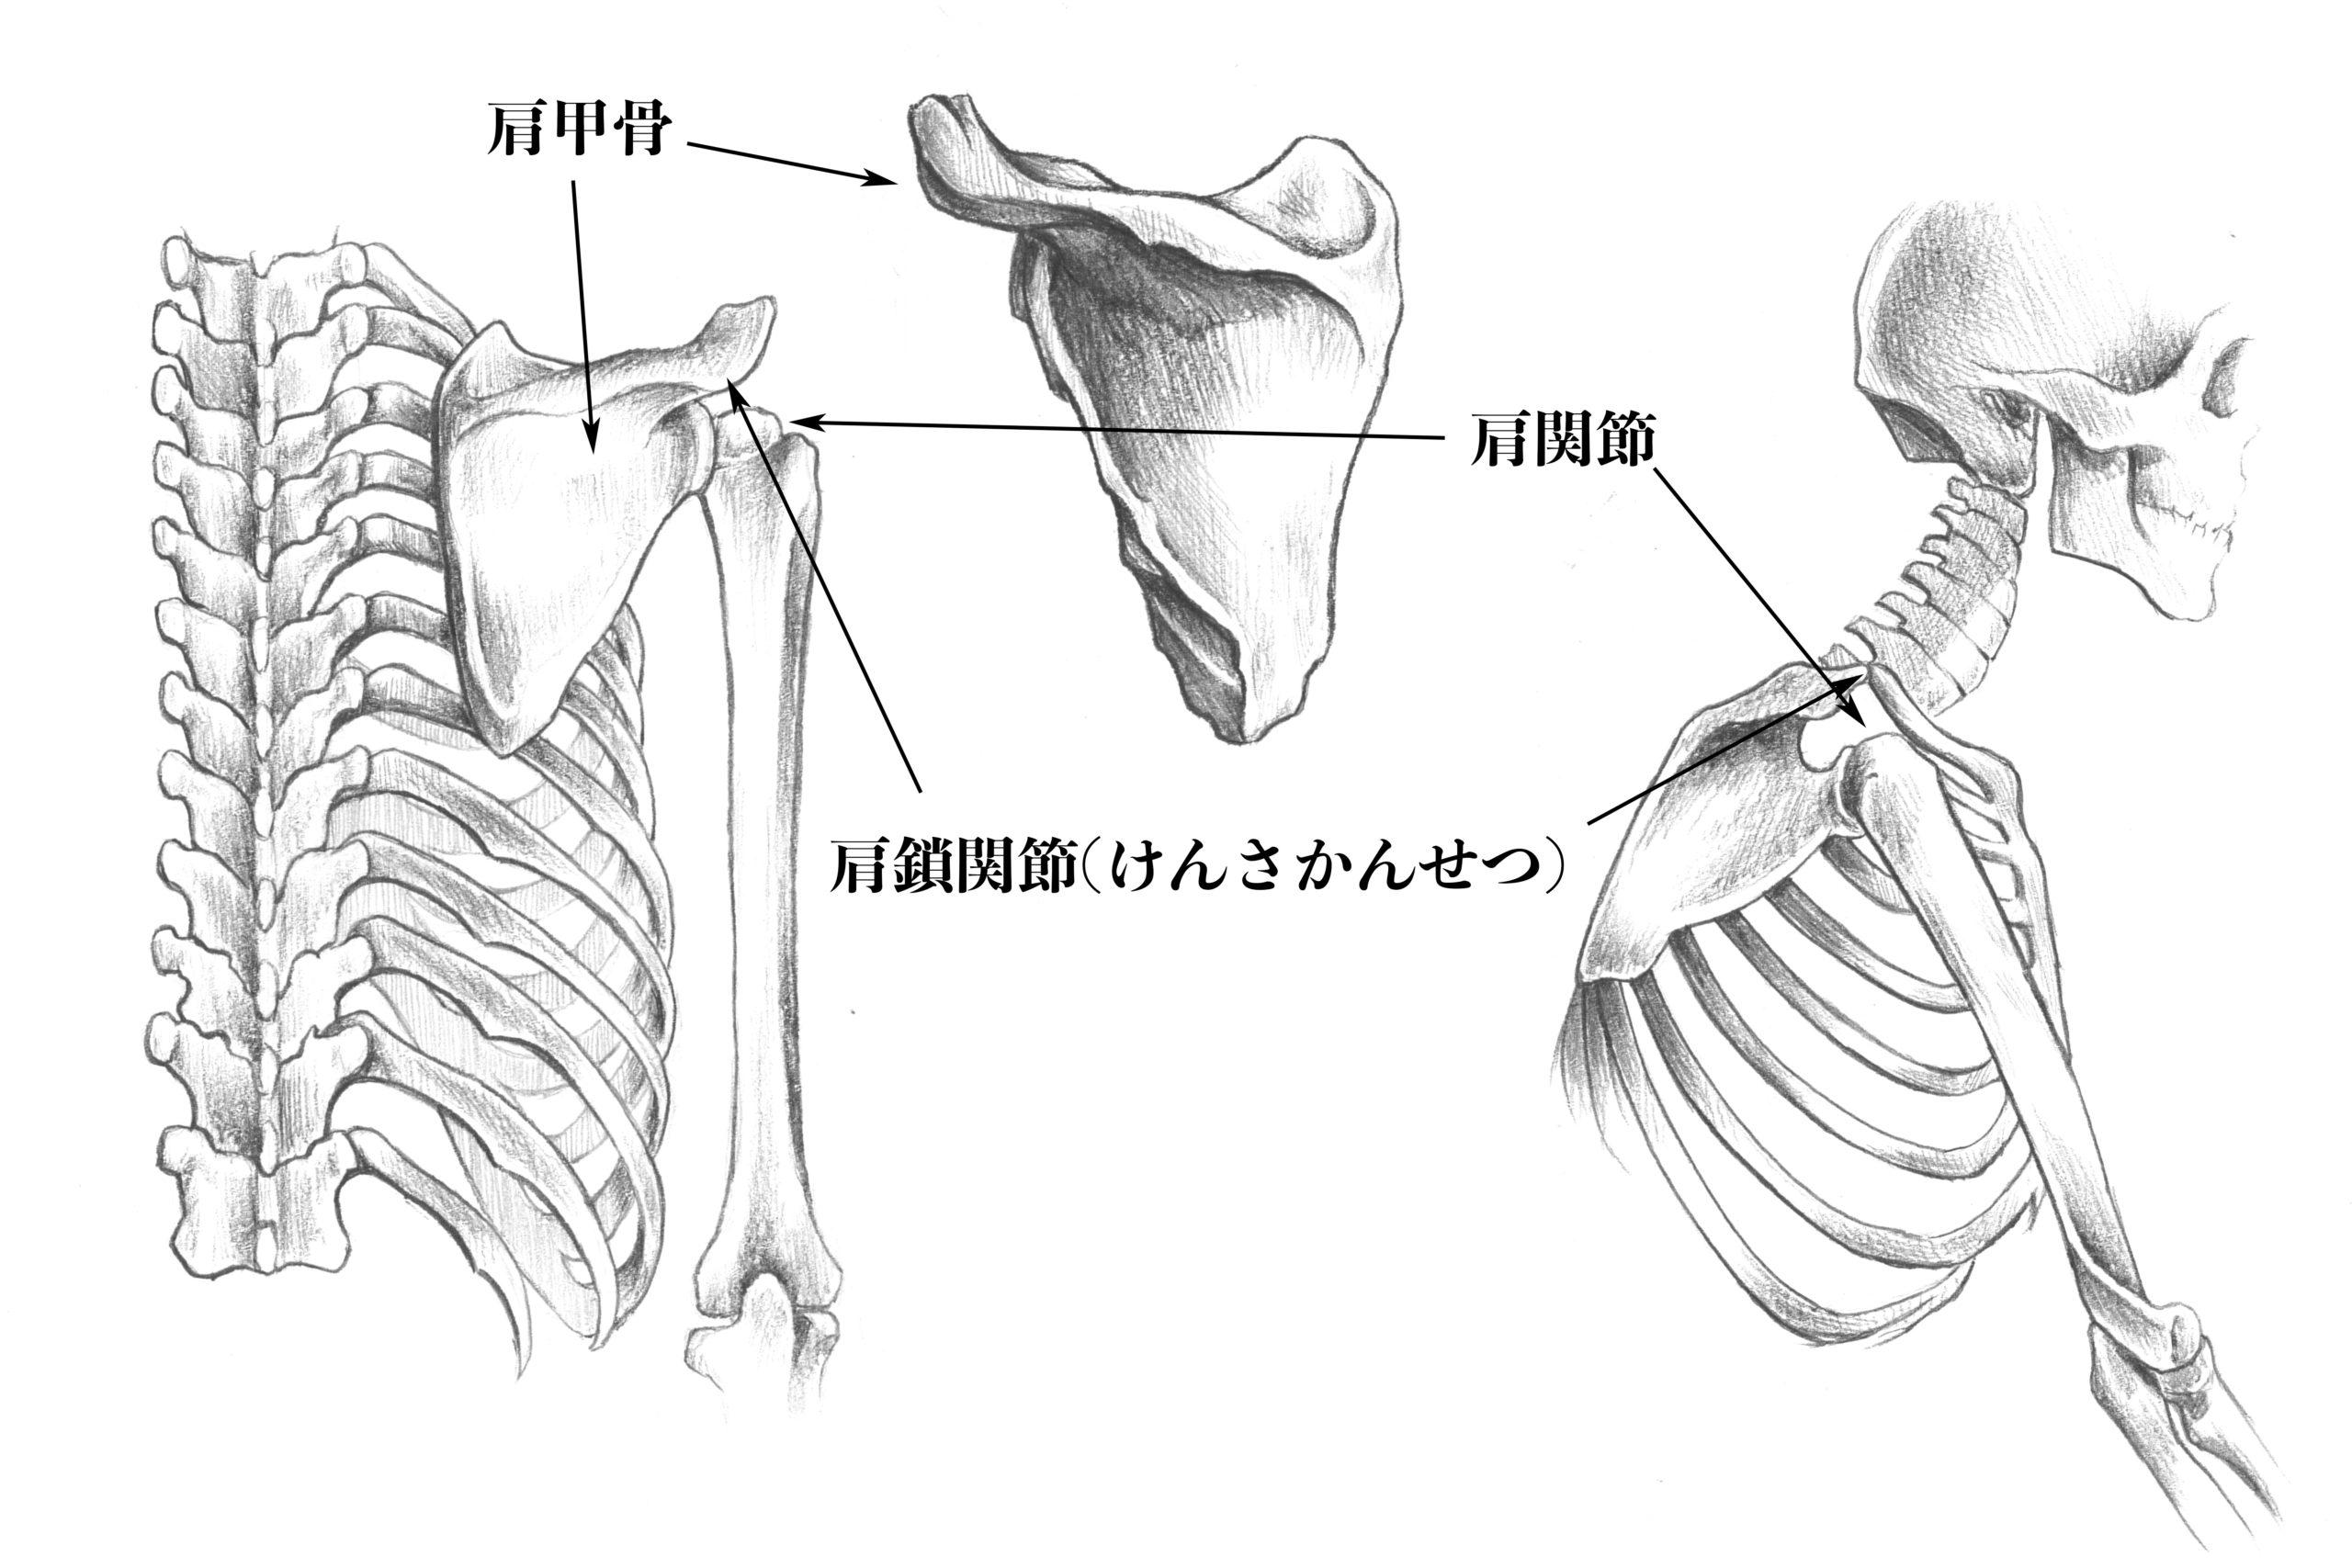 肩鎖関節と肩関節のスケッチ